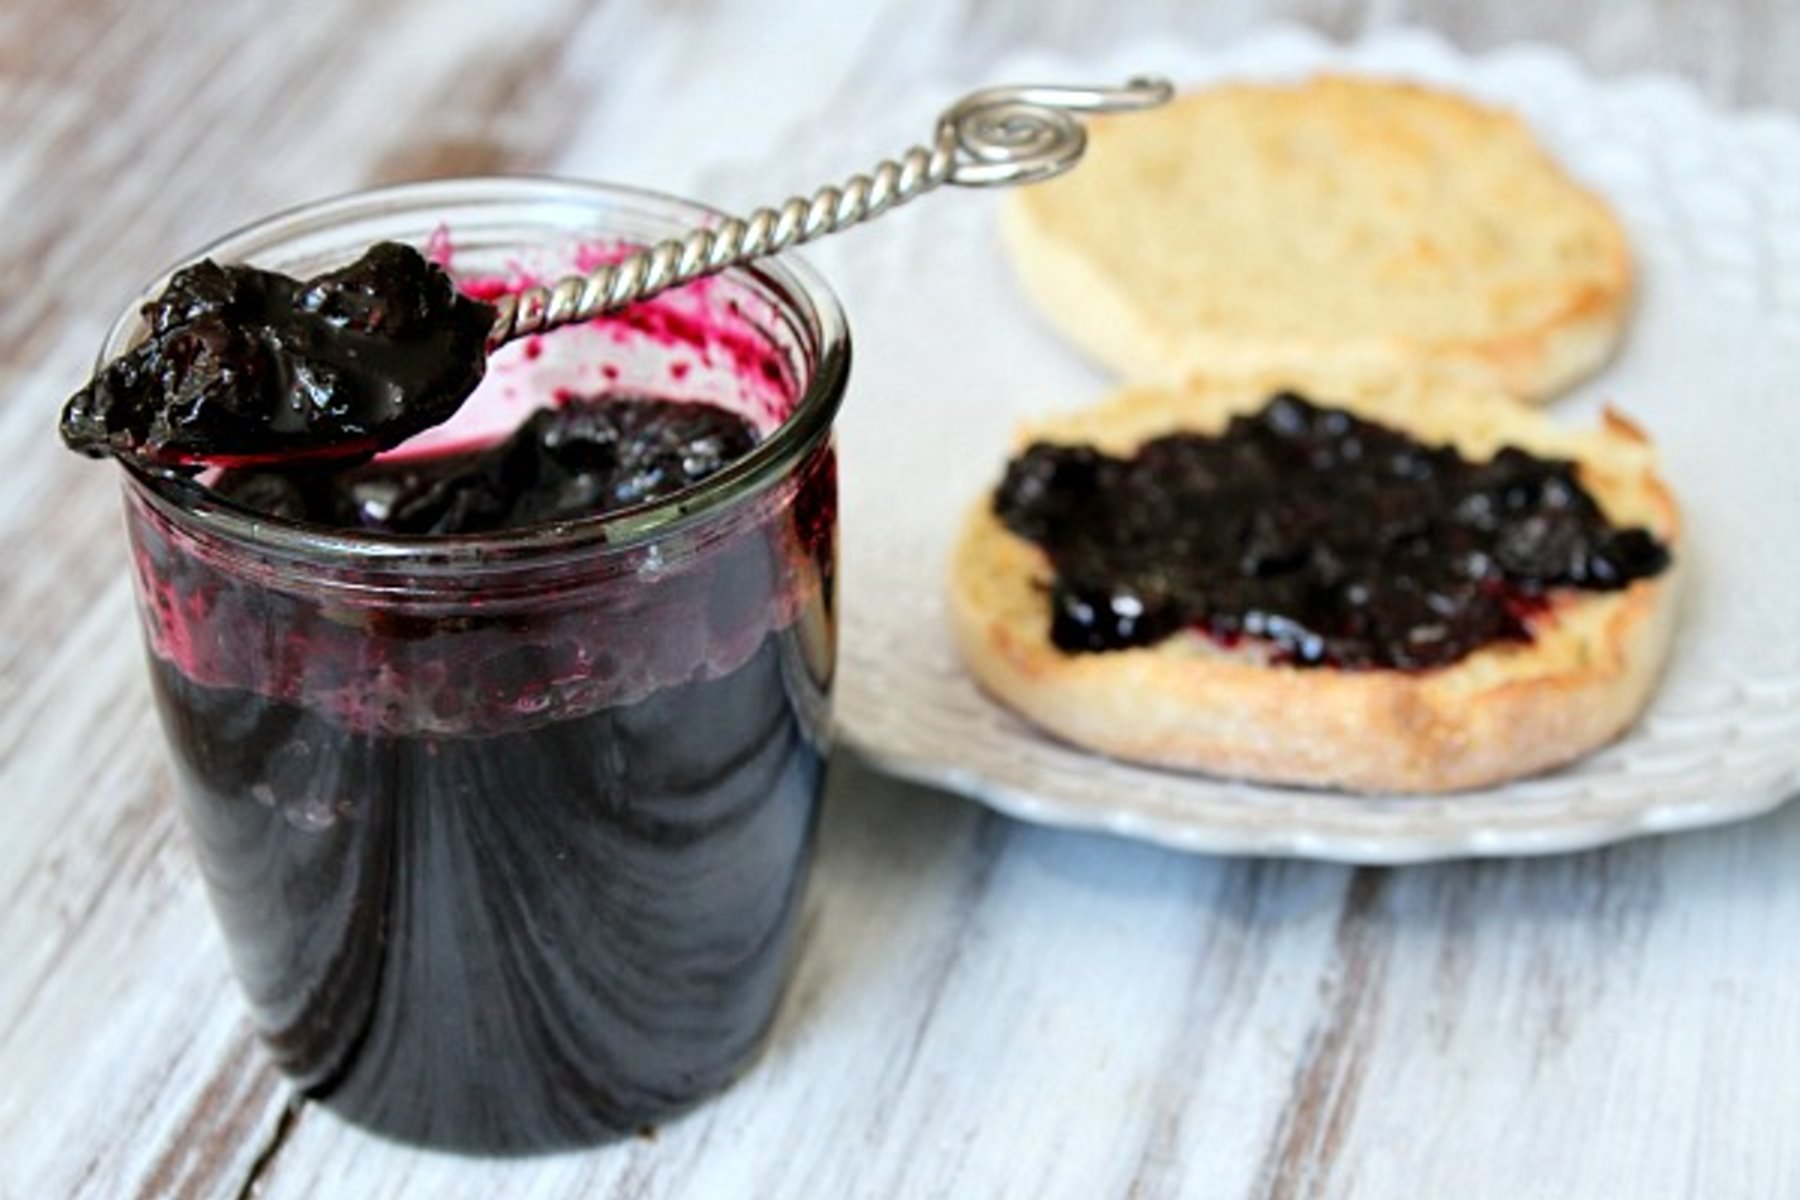 Варенье из черники пятиминутка на зиму: 5 простых рецептов с фото пошагово